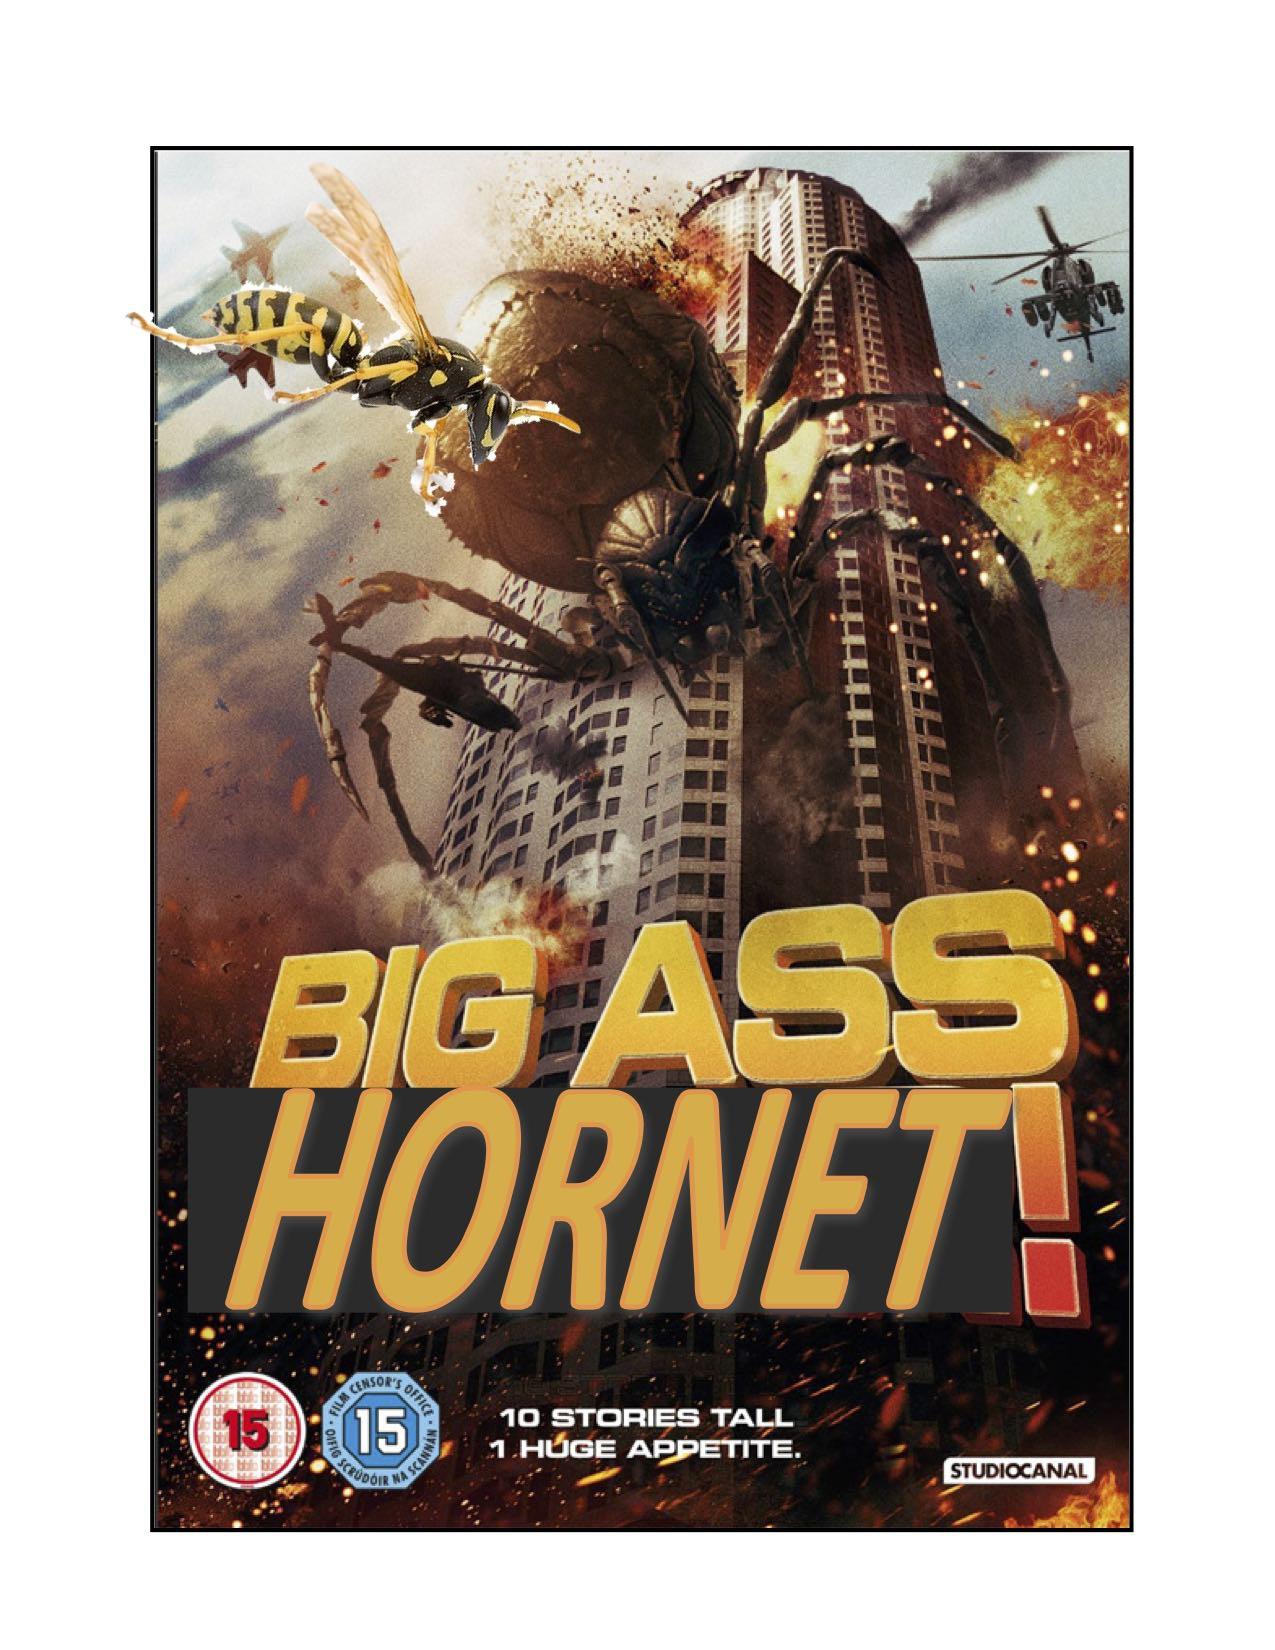 Big Ass Hornet | The Write Choice